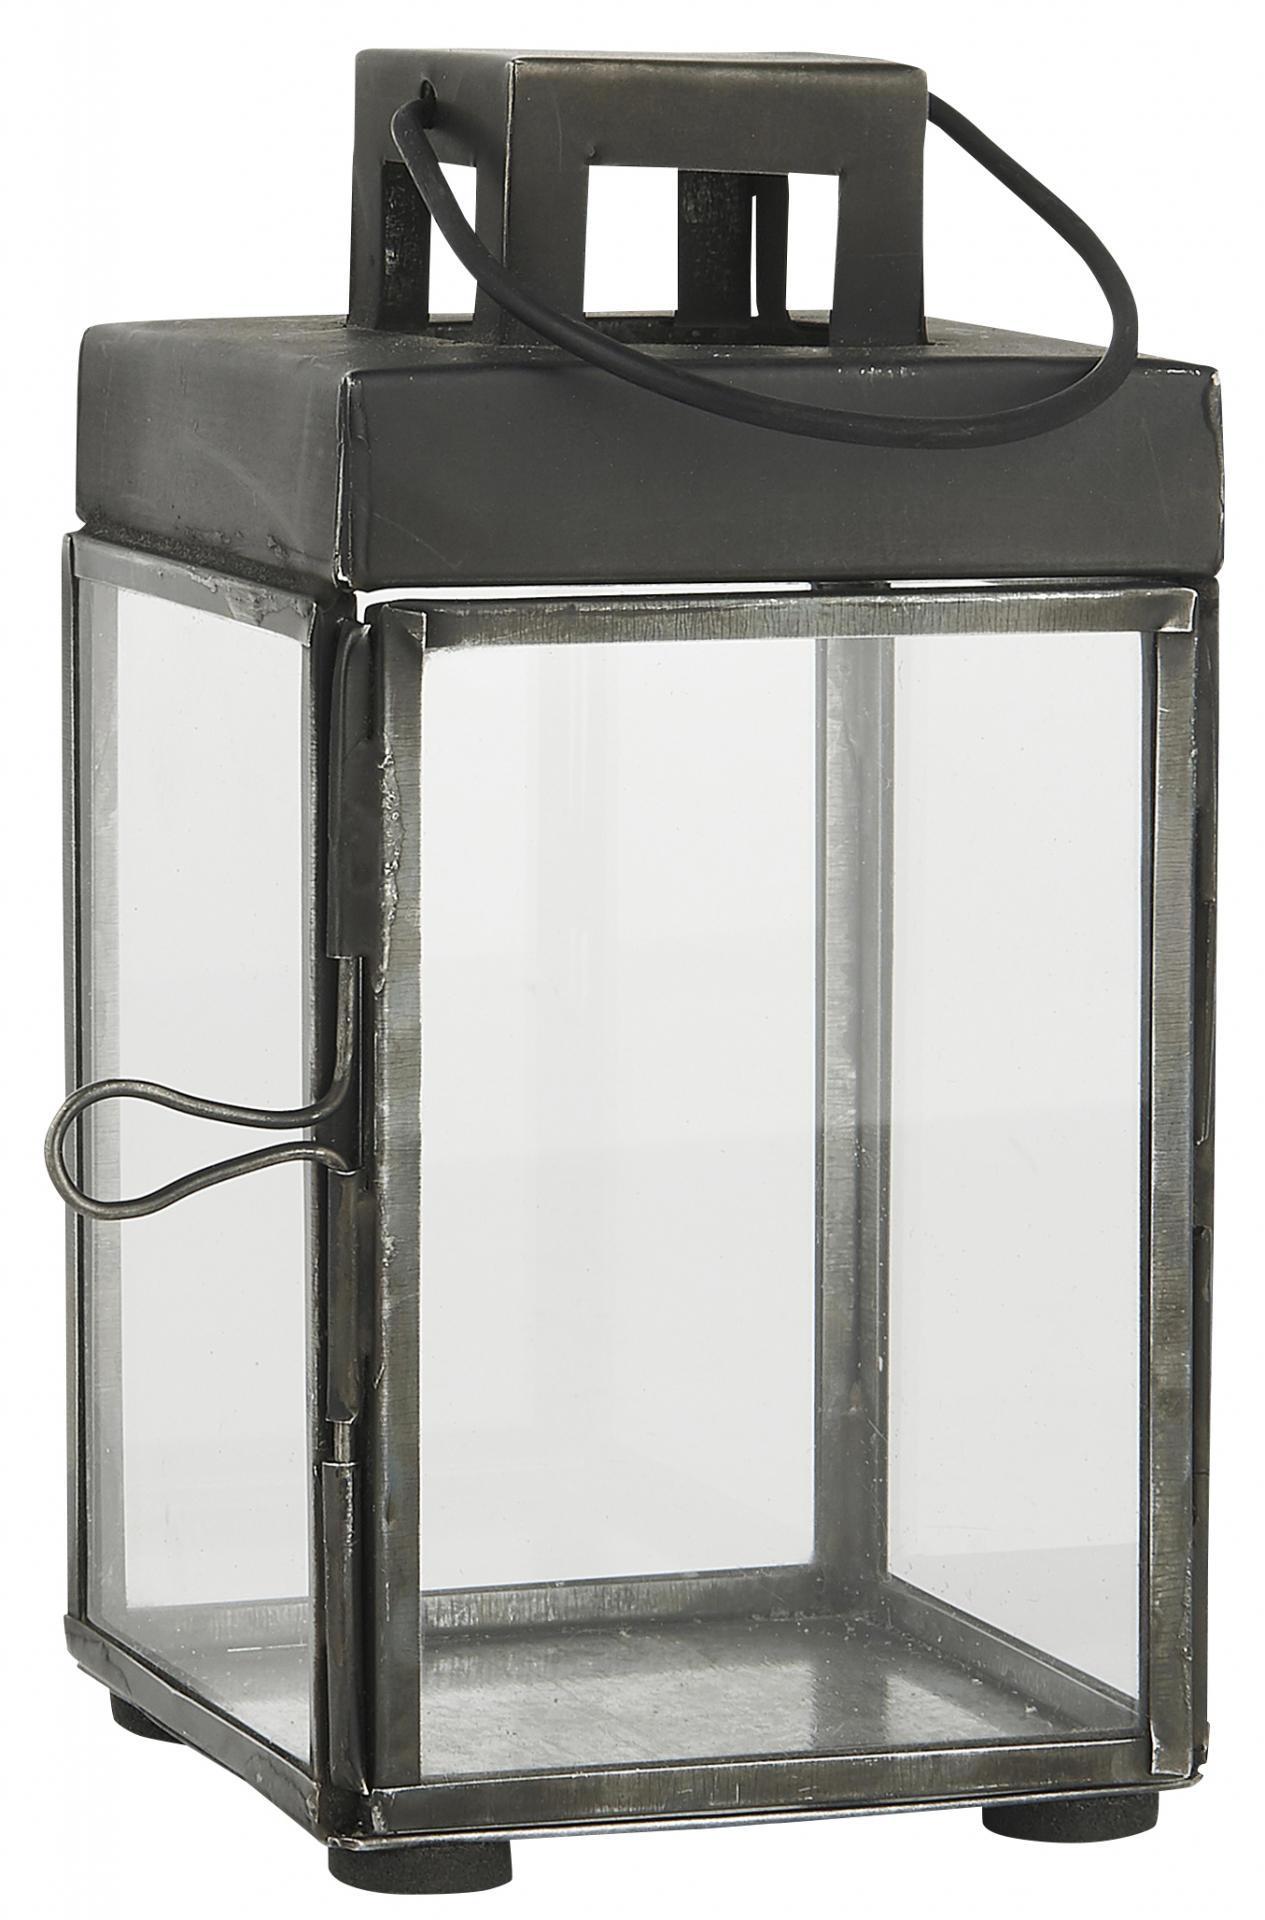 IB LAURSEN Kovová lucernička Lantern Square 15,5cm, černá barva, sklo, kov